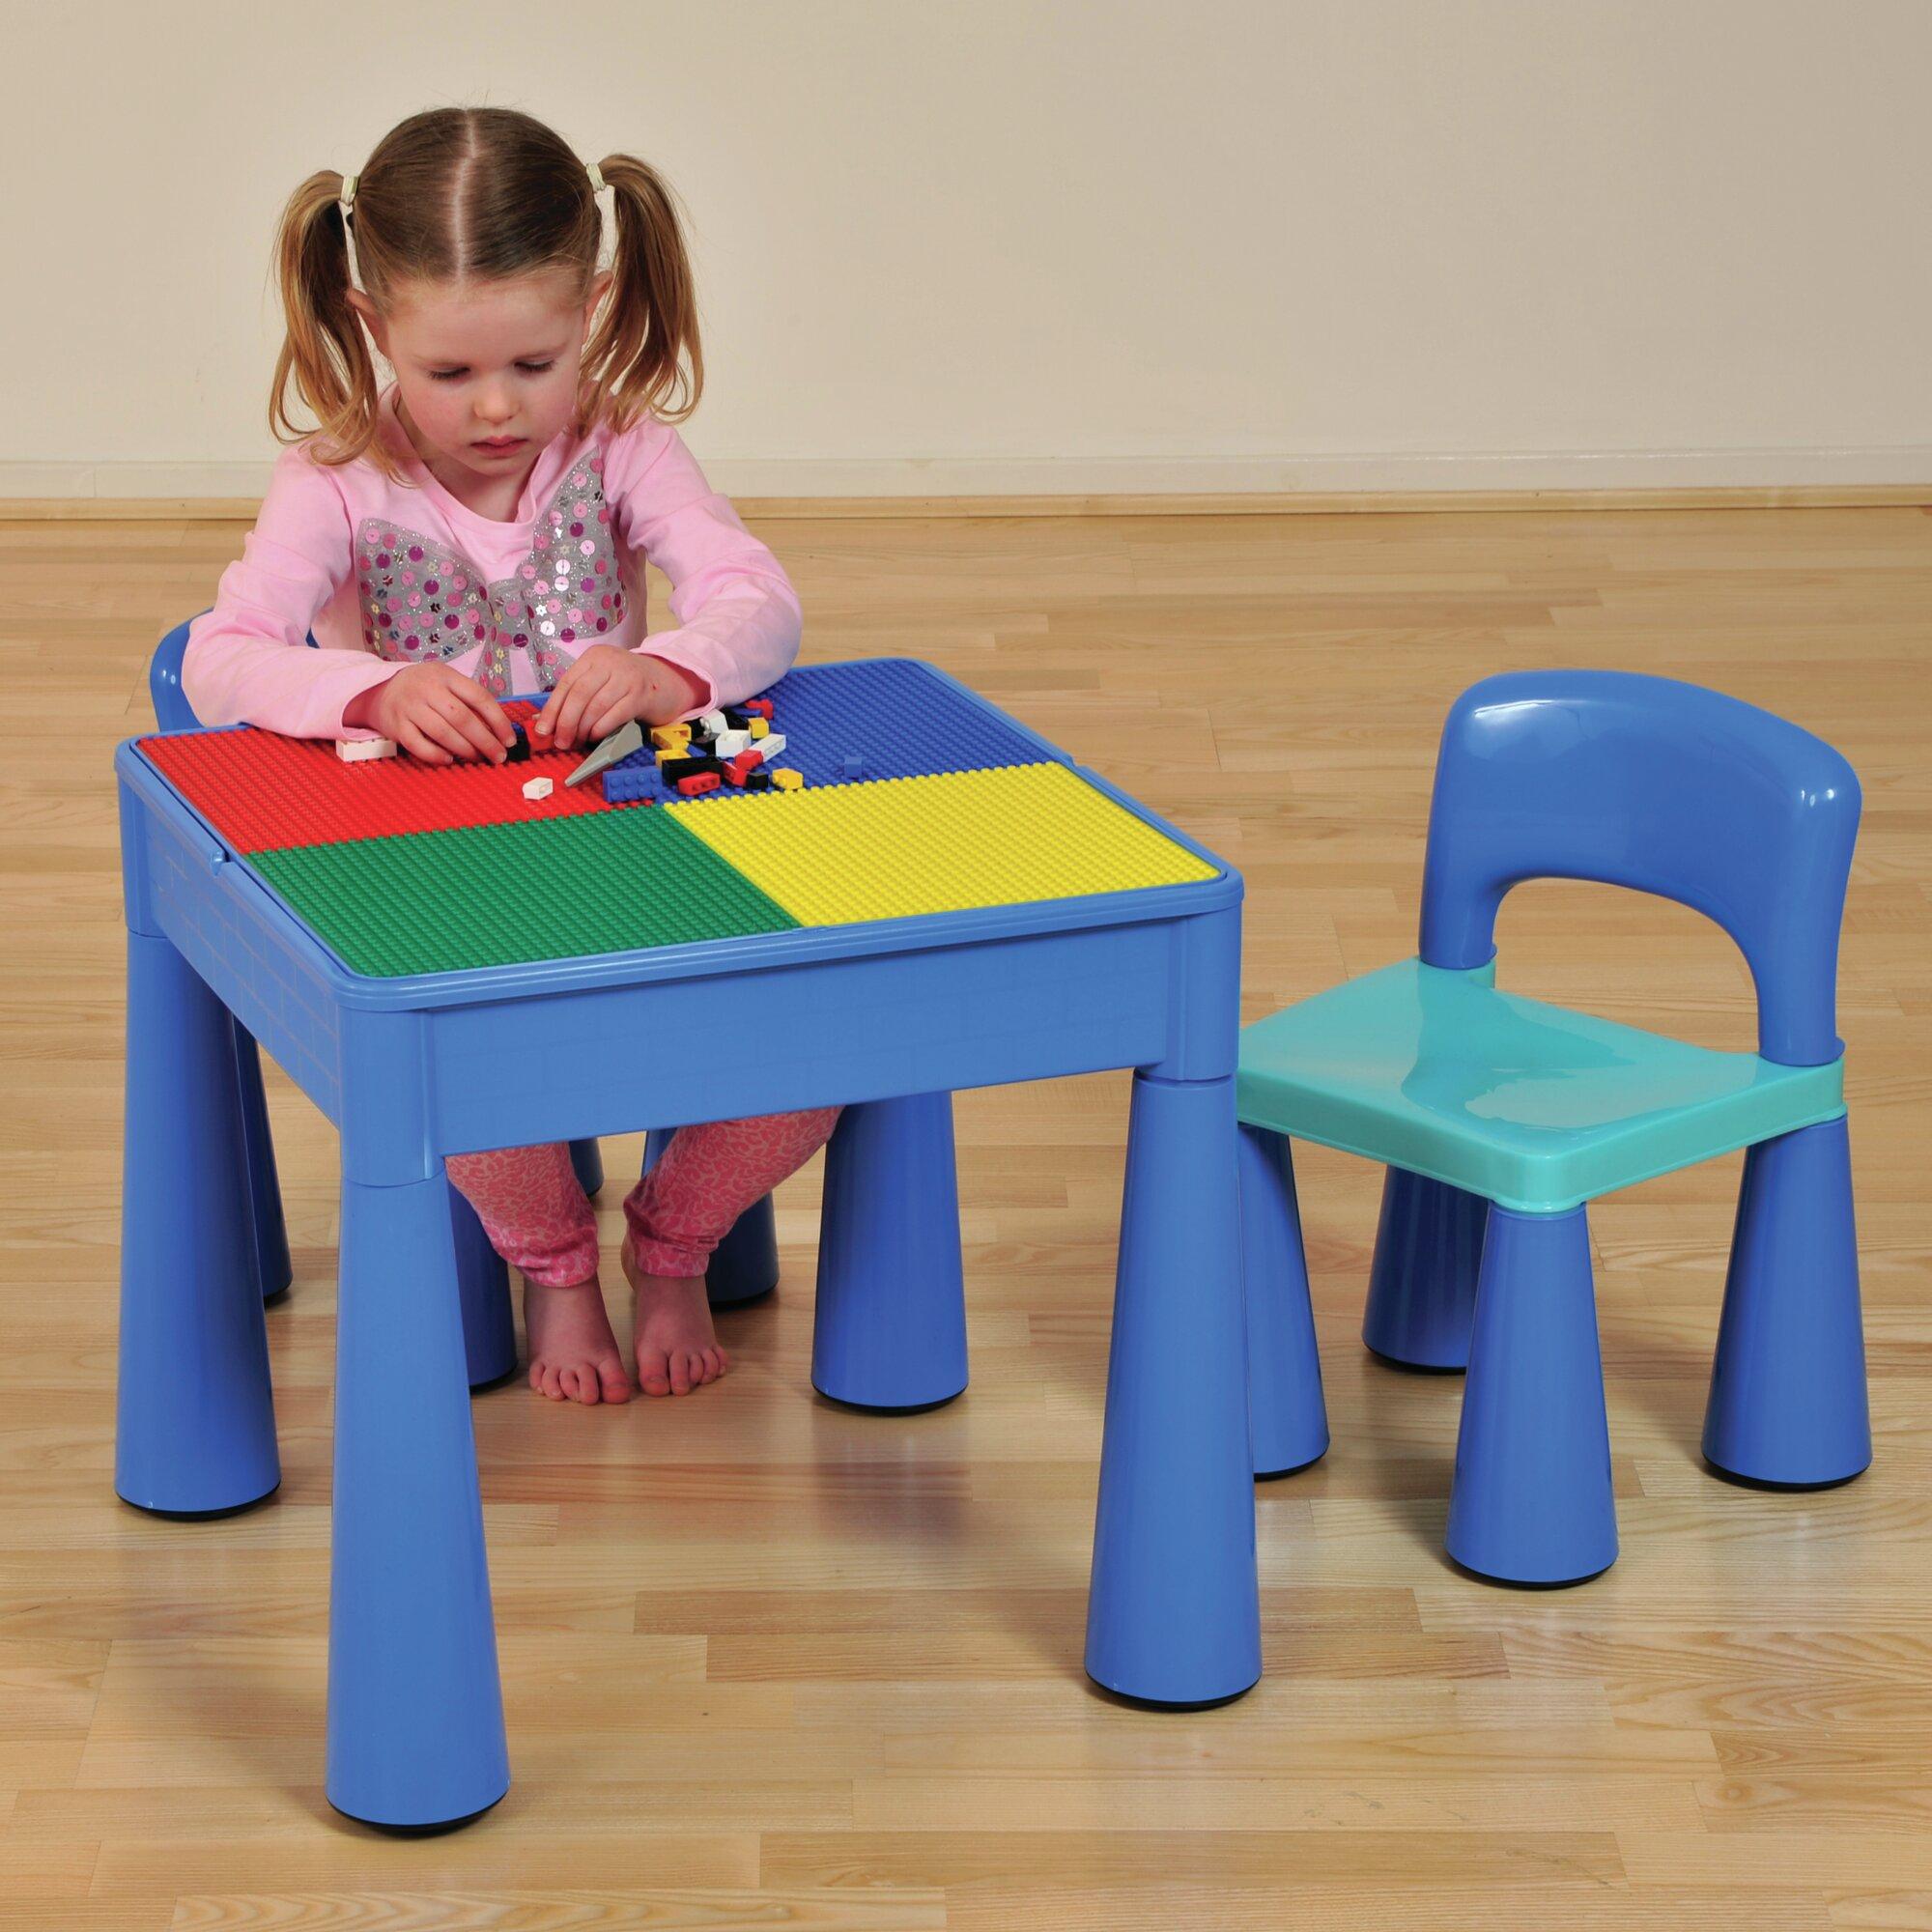 just kids 3 tlg kinder tisch und stuhl set versatile bewertungen. Black Bedroom Furniture Sets. Home Design Ideas